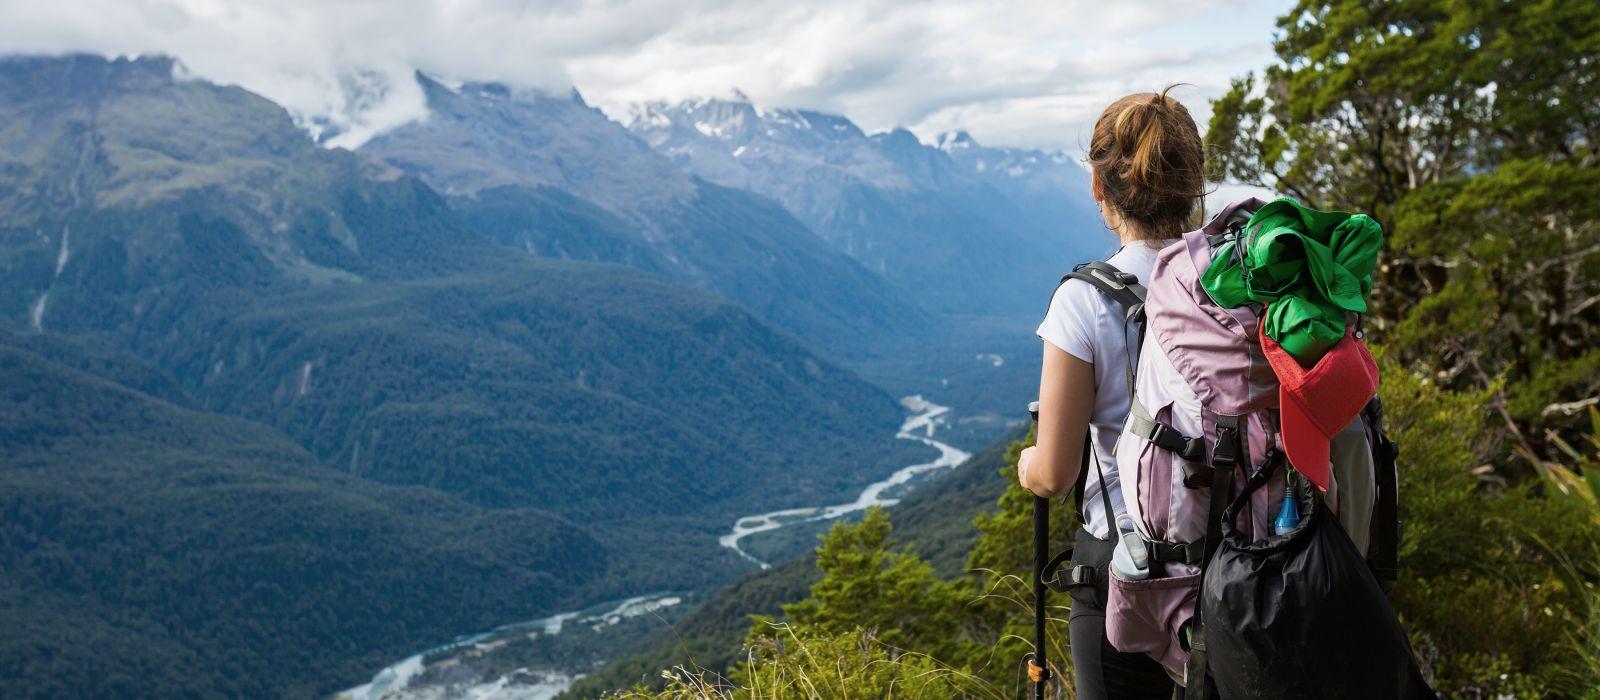 Woman trekking in New Zealand